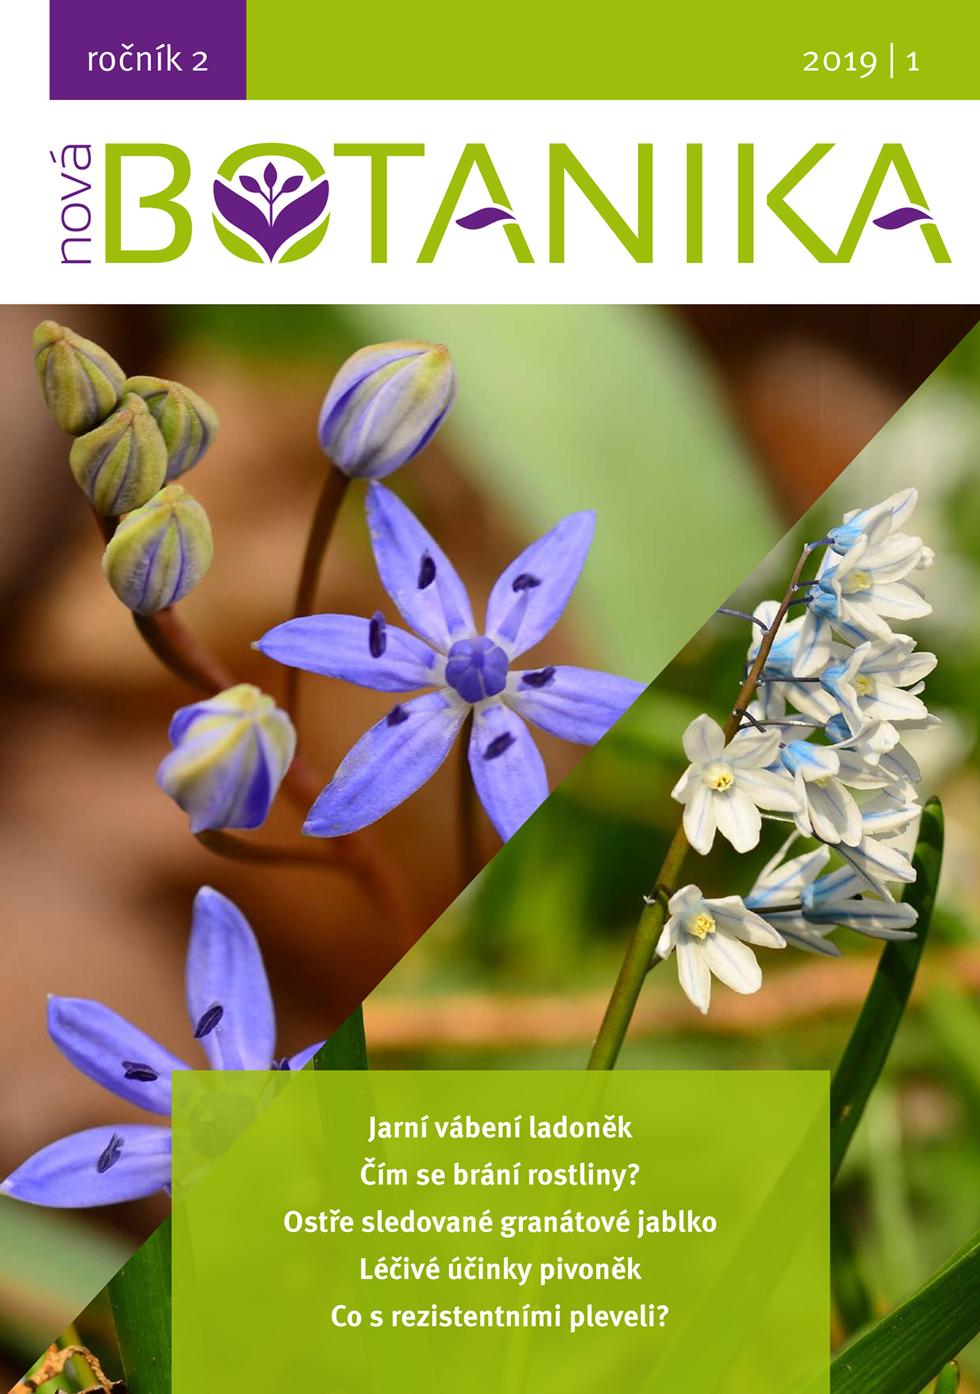 Již 30. května vychází nové číslo Nové Botaniky